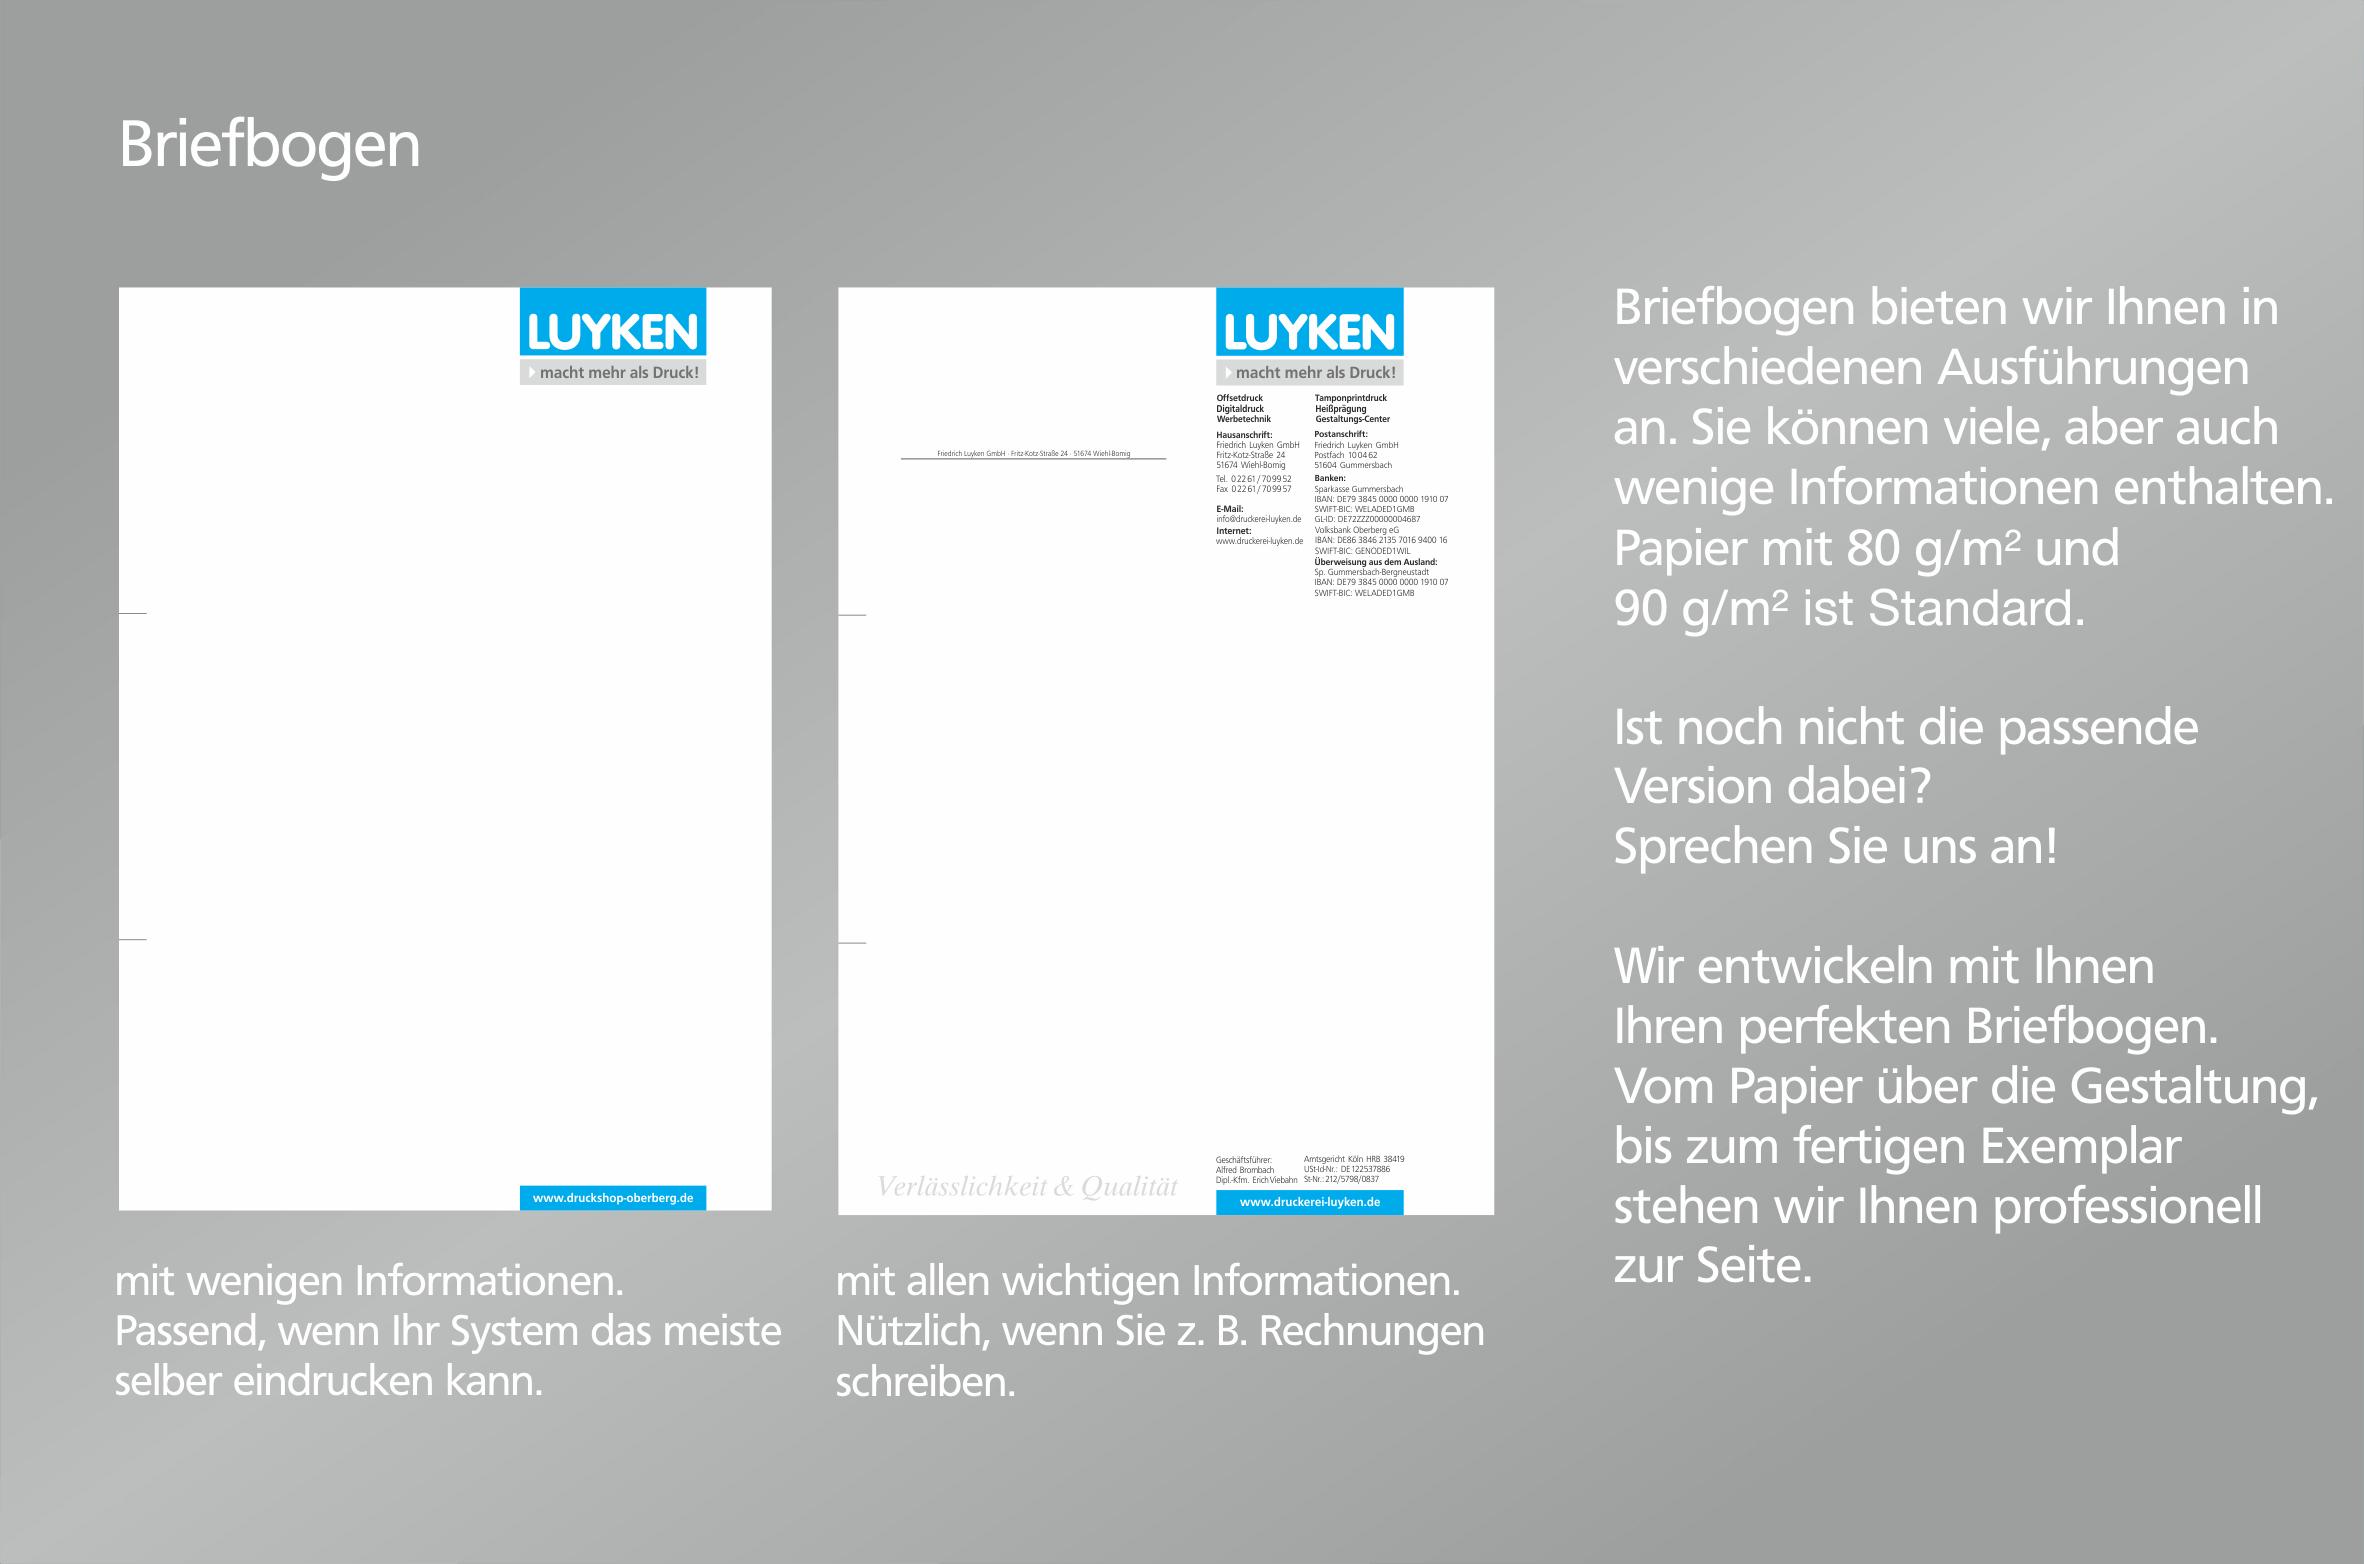 Briefpapier Gestalten : Briefpapier gestalten layout und grafikdesign